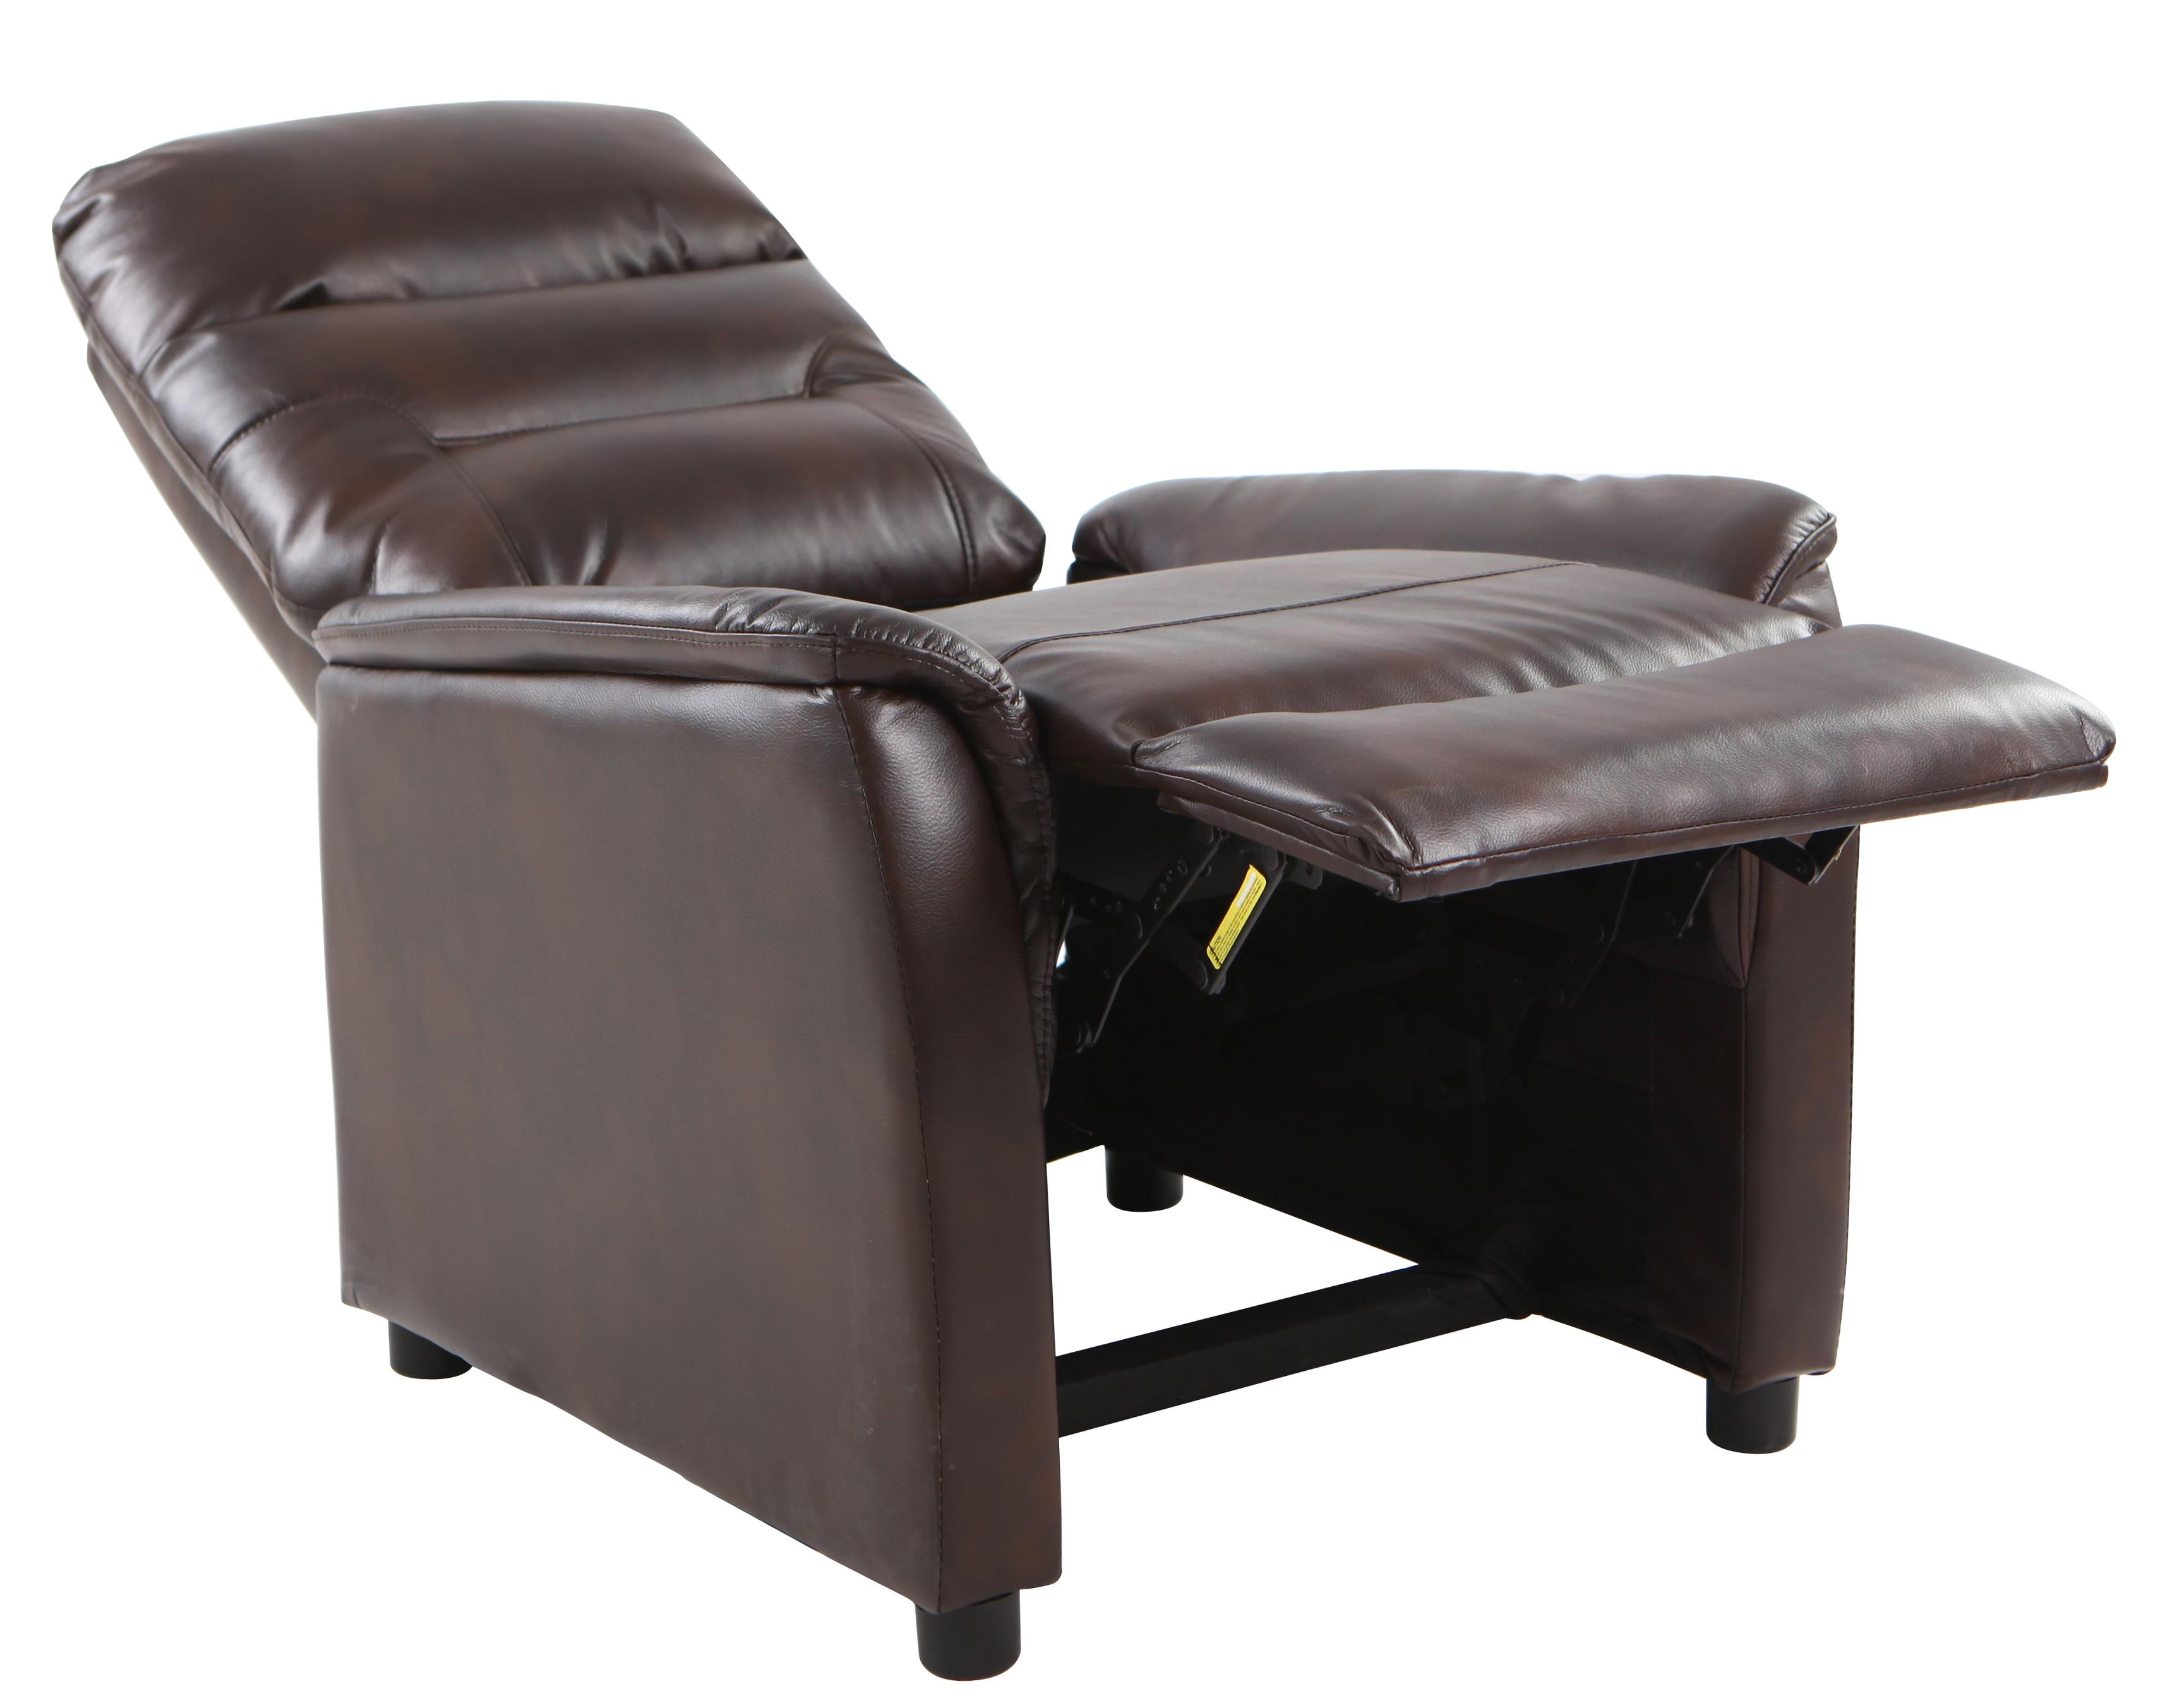 כורסא עם ריקליינר